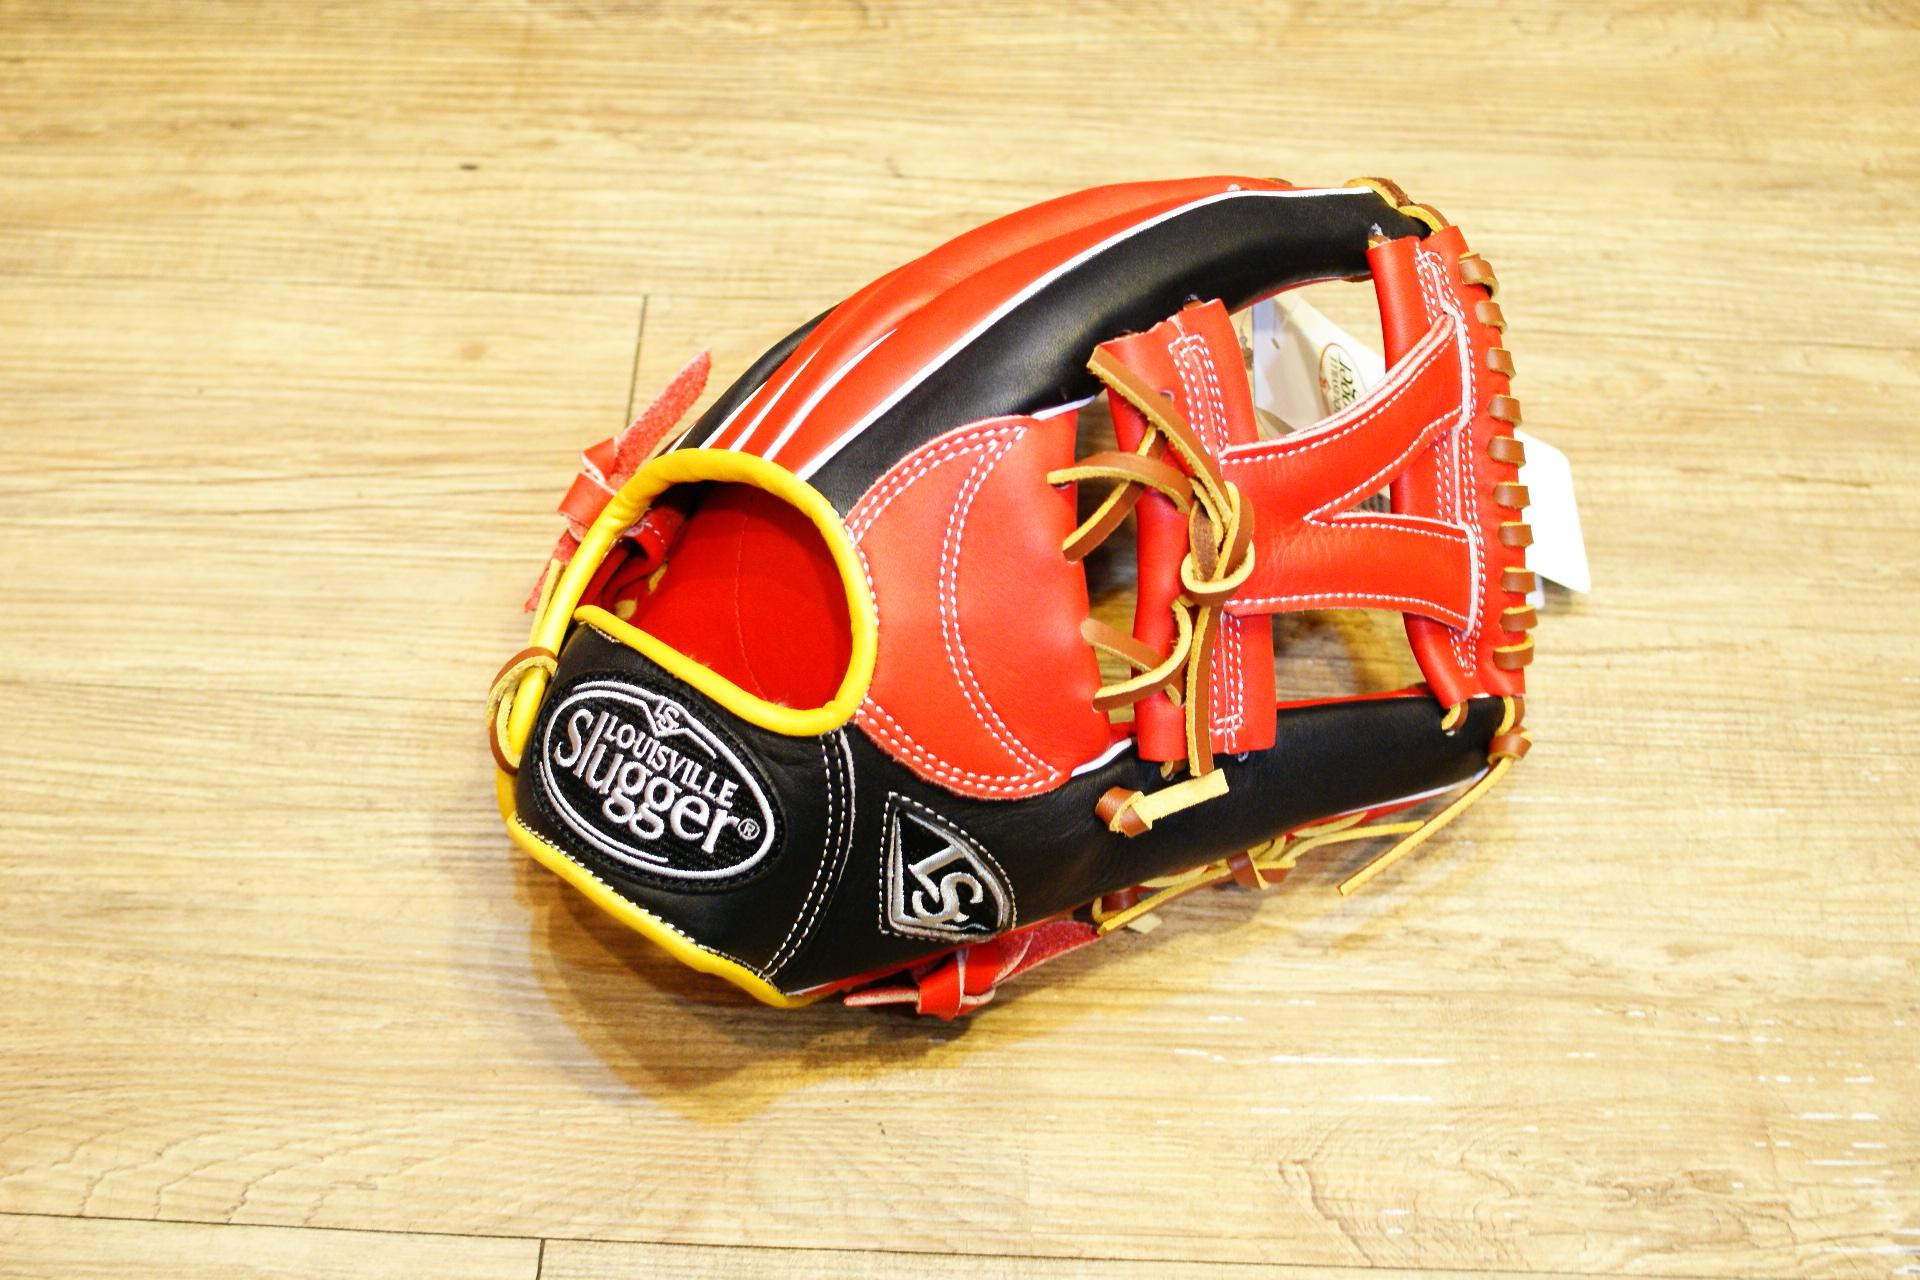 棒球世界 路易士Louisville Slugger (TPX) 戰士牛皮棒球手套 特價 工字 紅黑配色